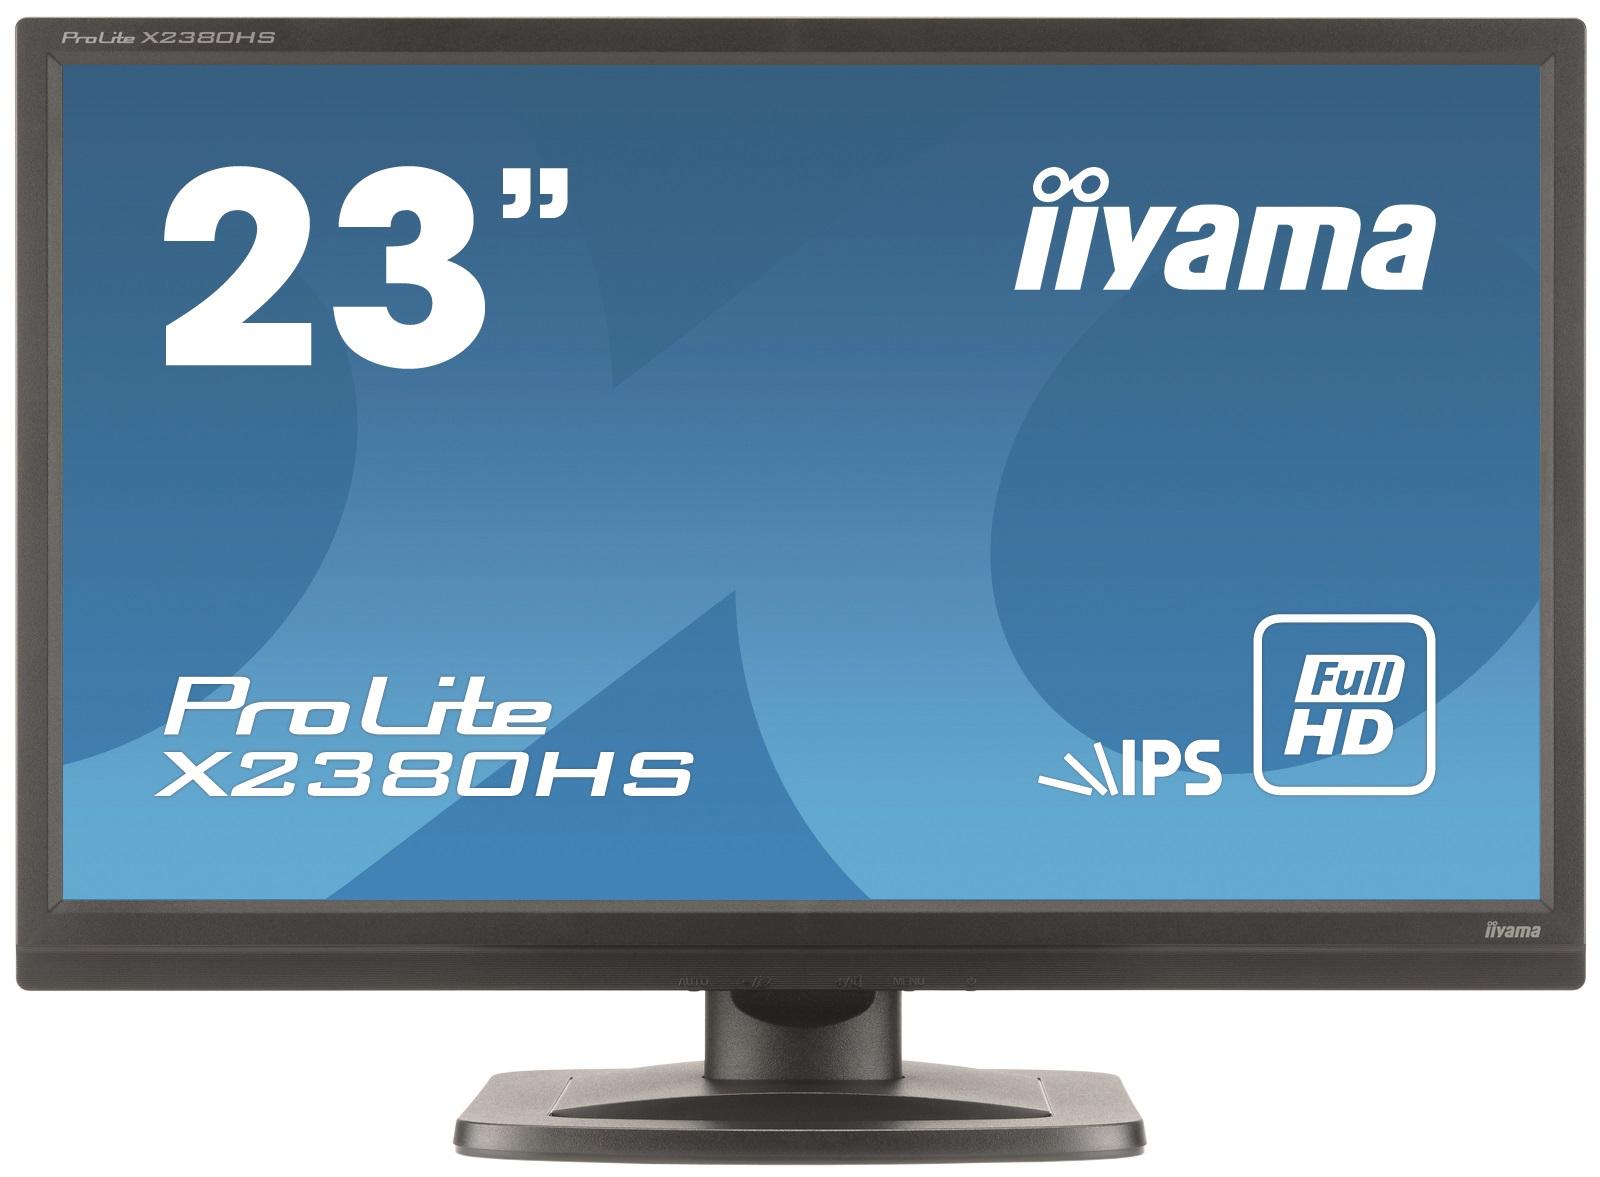 """23""""LCD iiyama X2380HS-B1 - IPS, 5ms, 250cd/m2, 1000:1 (5M:1 ACR), FullHD, VGA, DVI, HDMI, repro"""